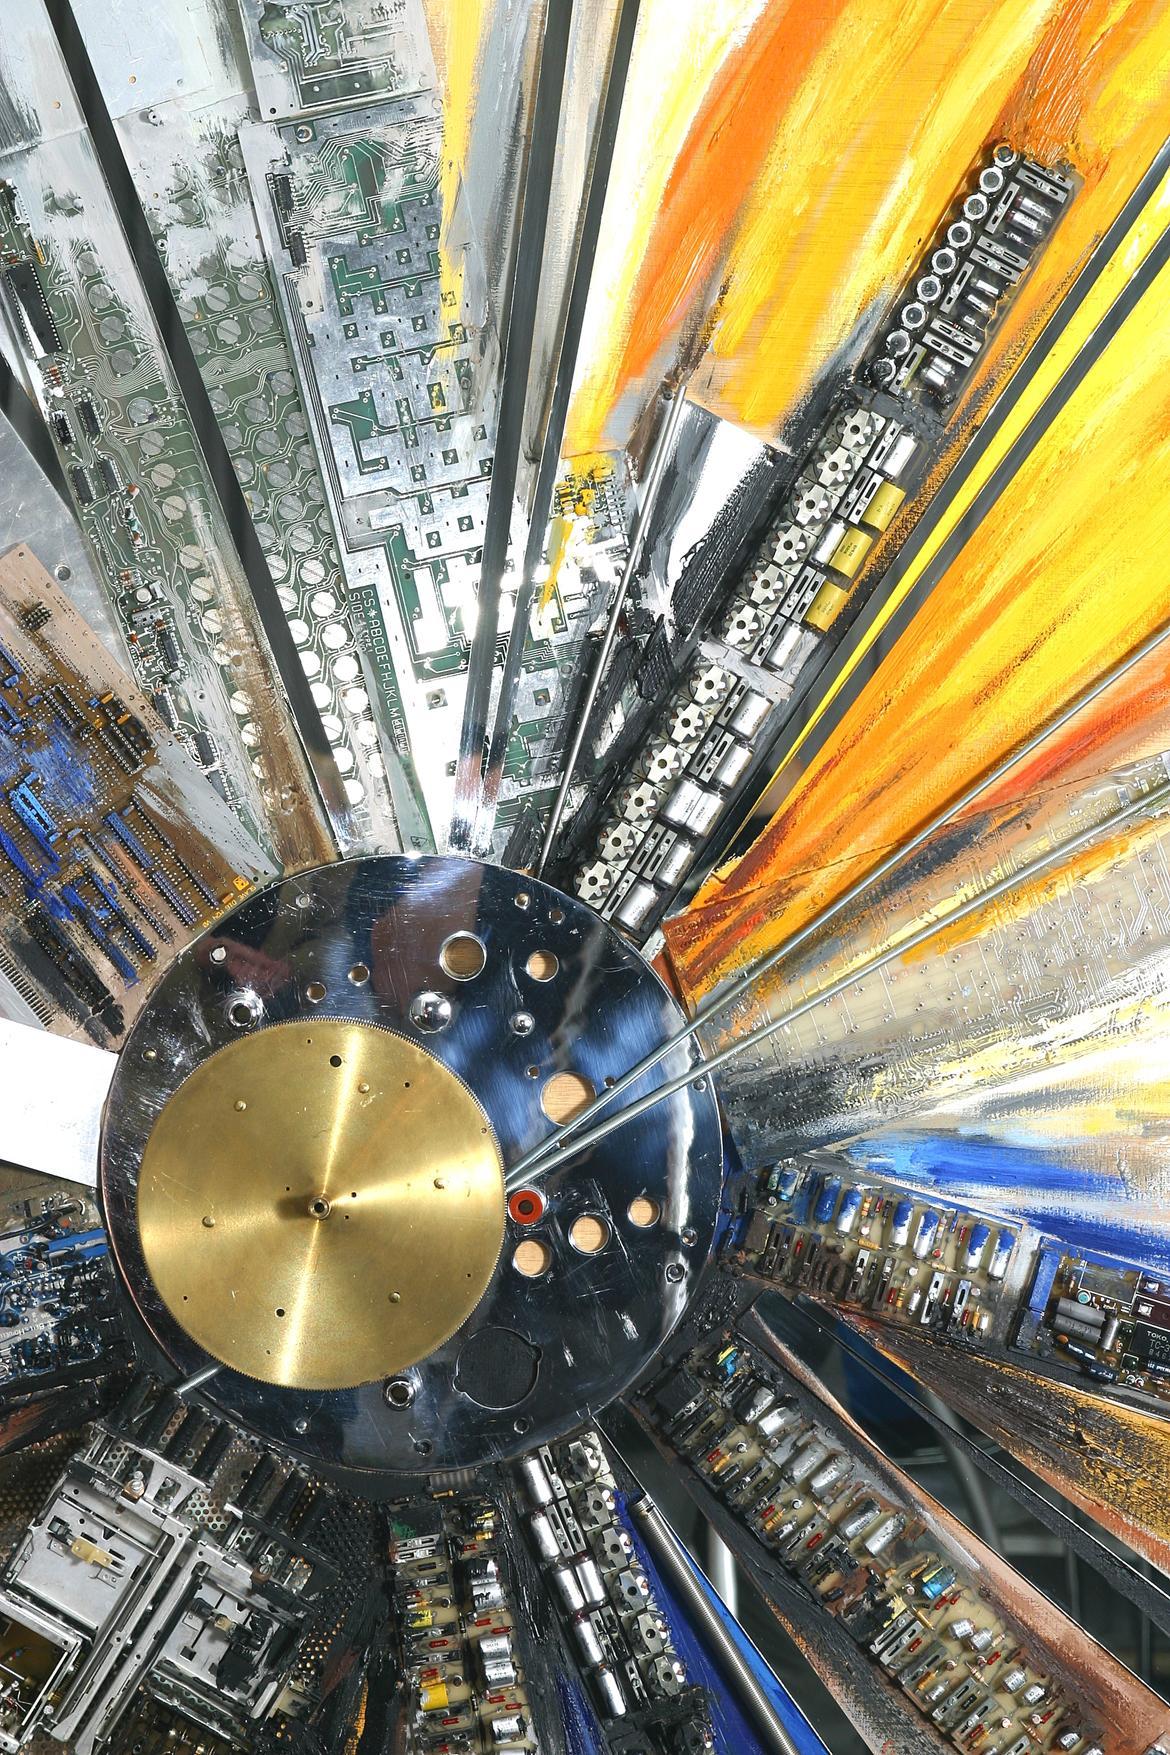 Computersonne – Assemblage von Ilona Jentsch